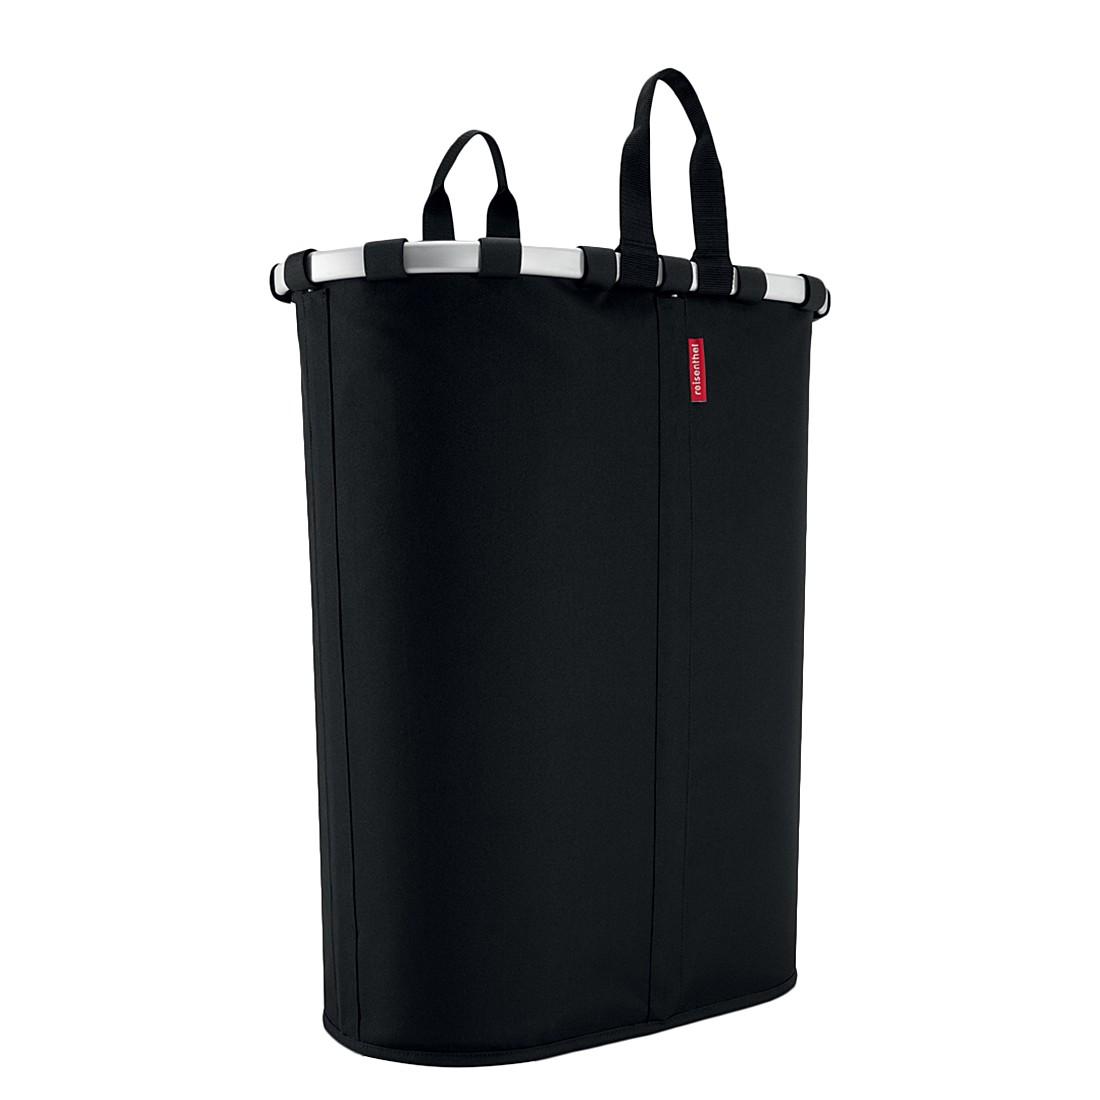 REISENTHEL Einkaufskorb ovalbasket L schwarz – Polyester, Aluminium schwarz, Reisenthel Accessoires online bestellen